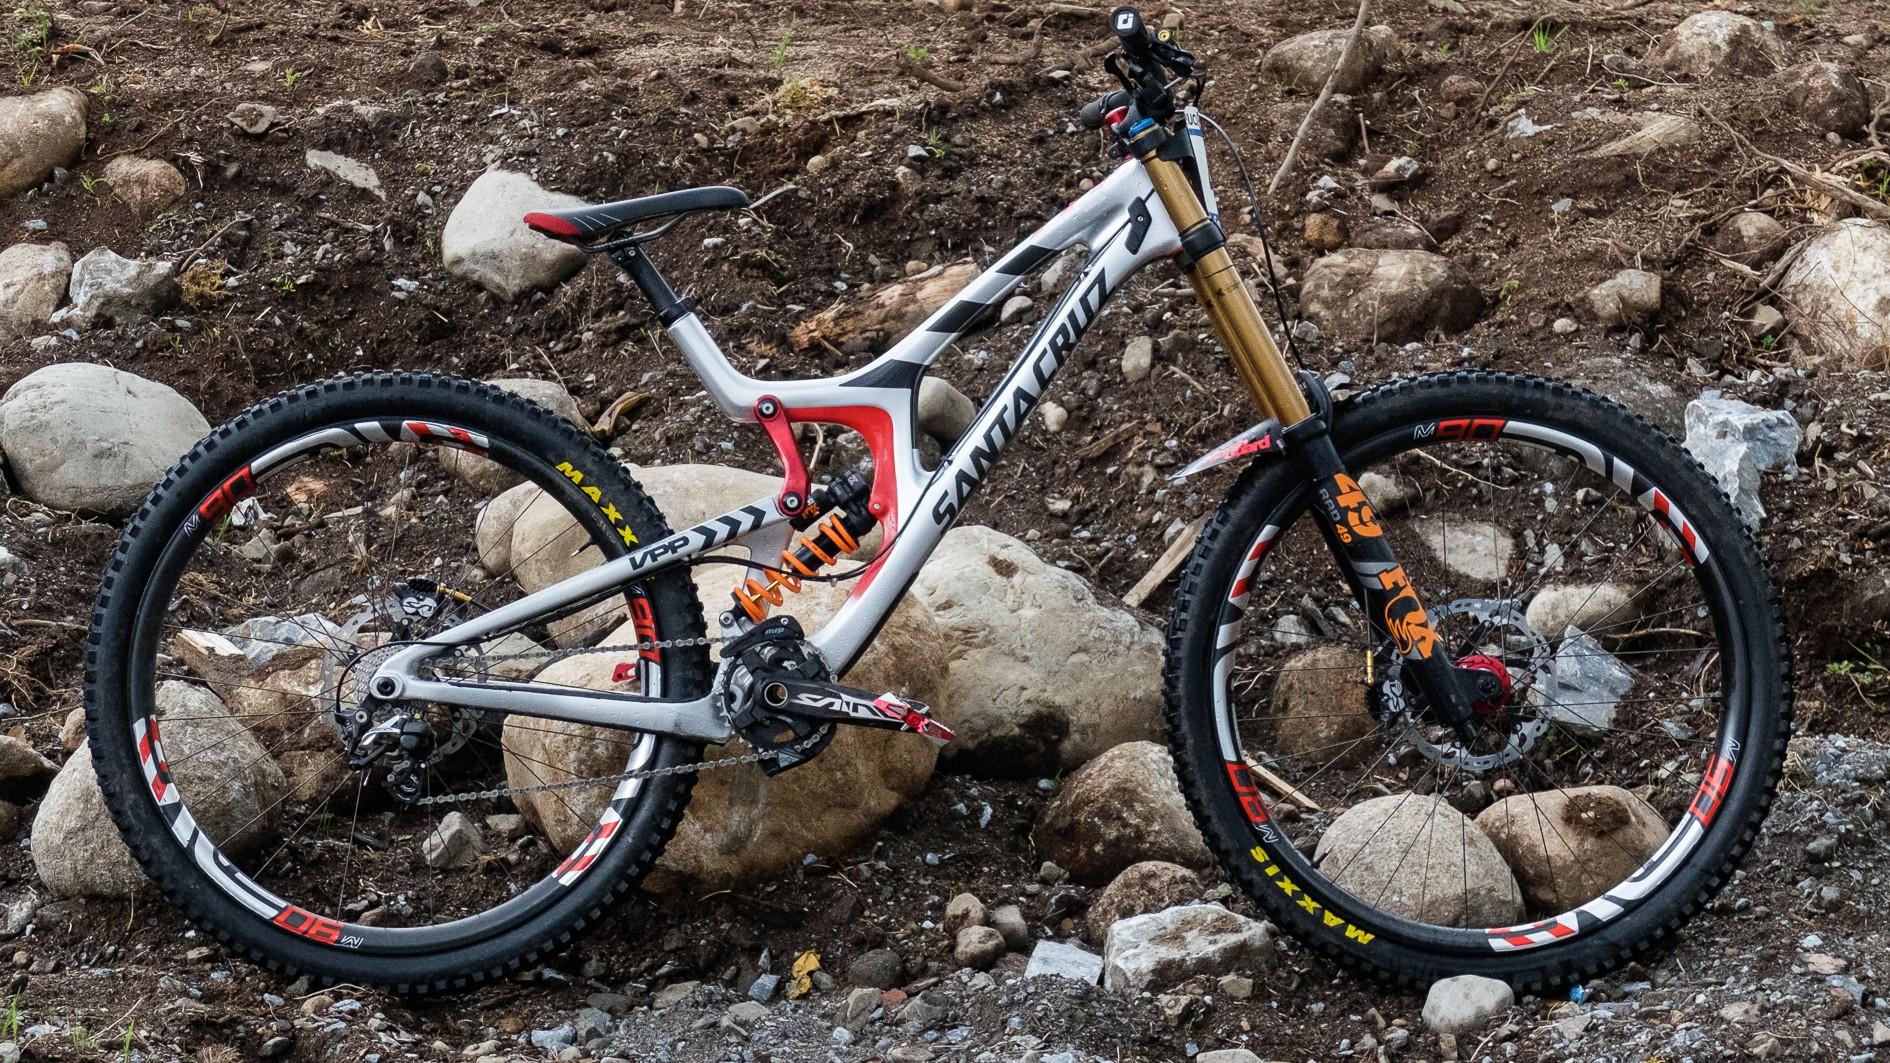 top-5-29er-dh-bikes-2-_-1499250044807-p1qsl353trf4-6d6f2e5